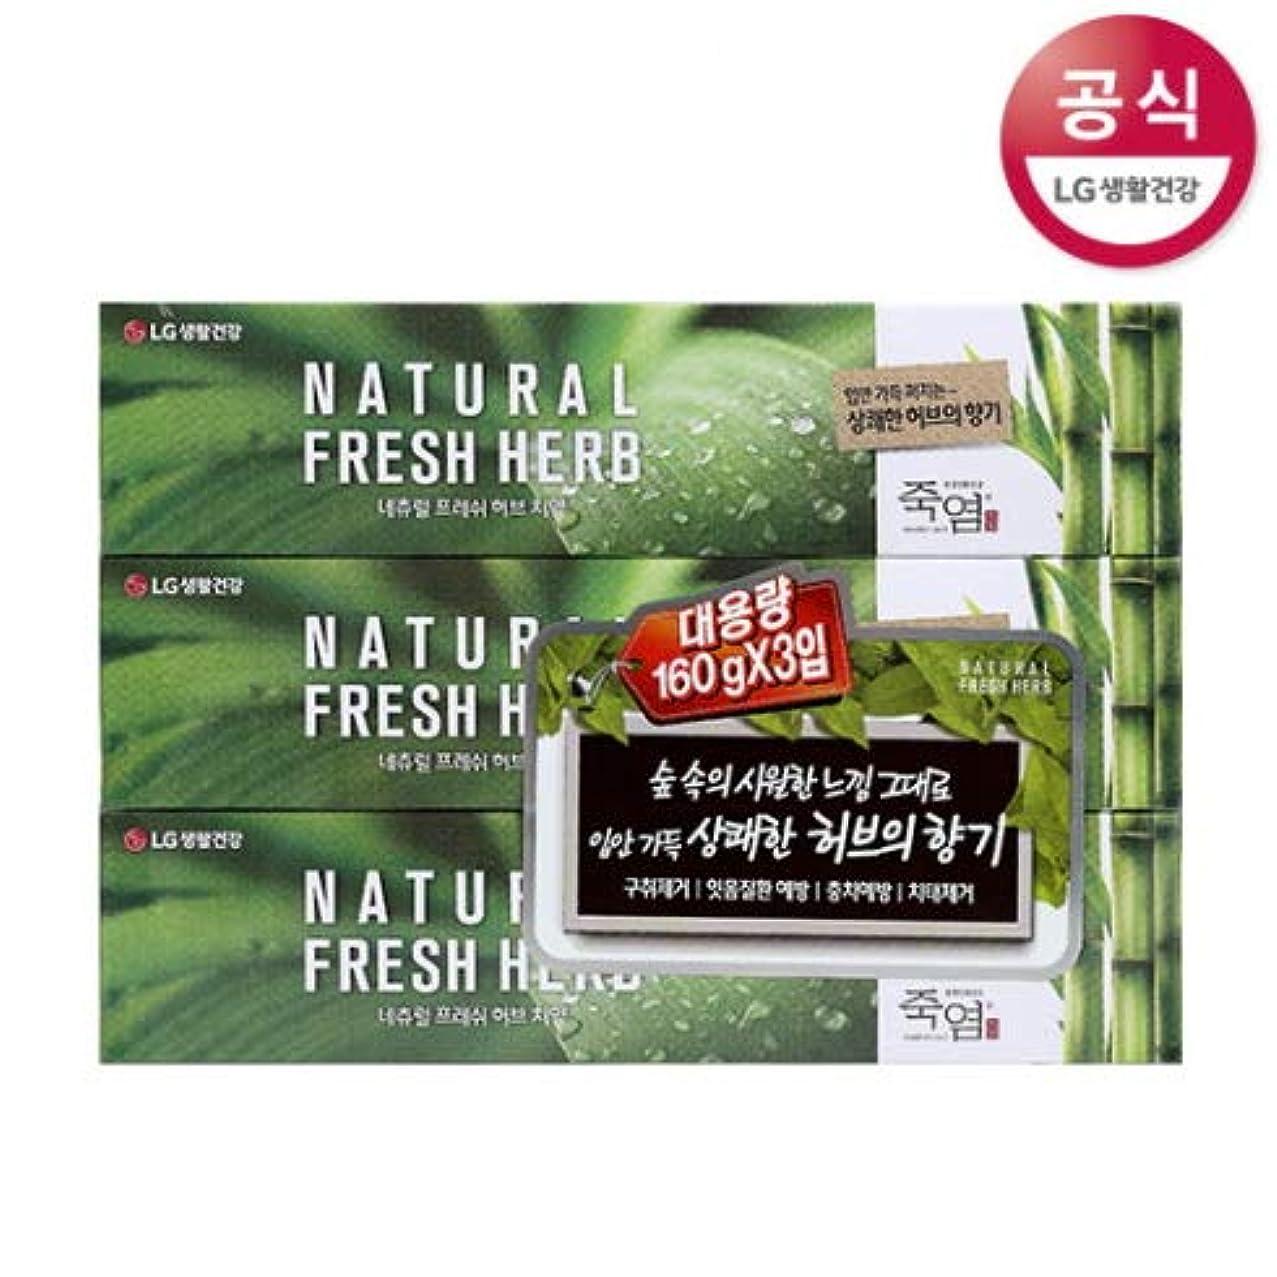 スペシャリストカフェ夜[LG HnB] Bamboo Salt Natural Fresh Herbal Toothpaste/竹塩ナチュラルフレッシュハーブ歯磨き粉 160gx3個(海外直送品)